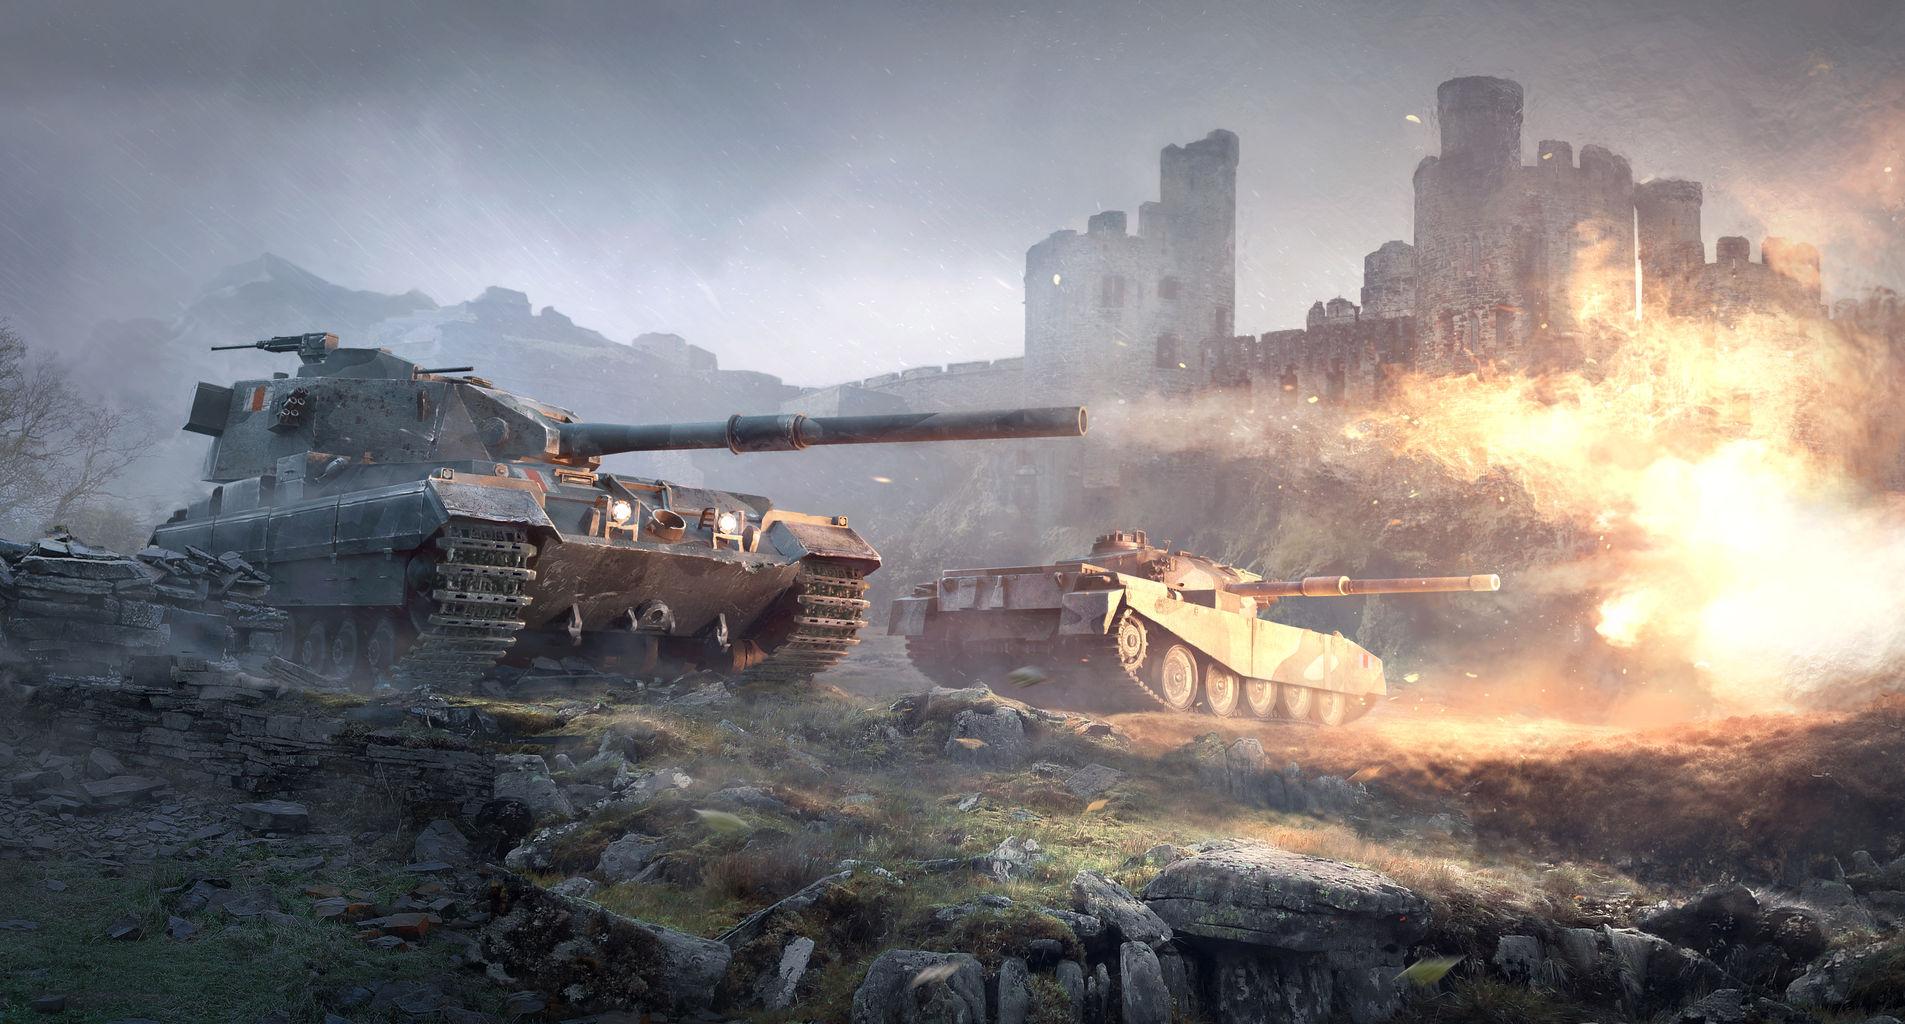 戦車戦を楽しめるゲーム「World of Tanks」、「War Thunder」どういう違いがある?